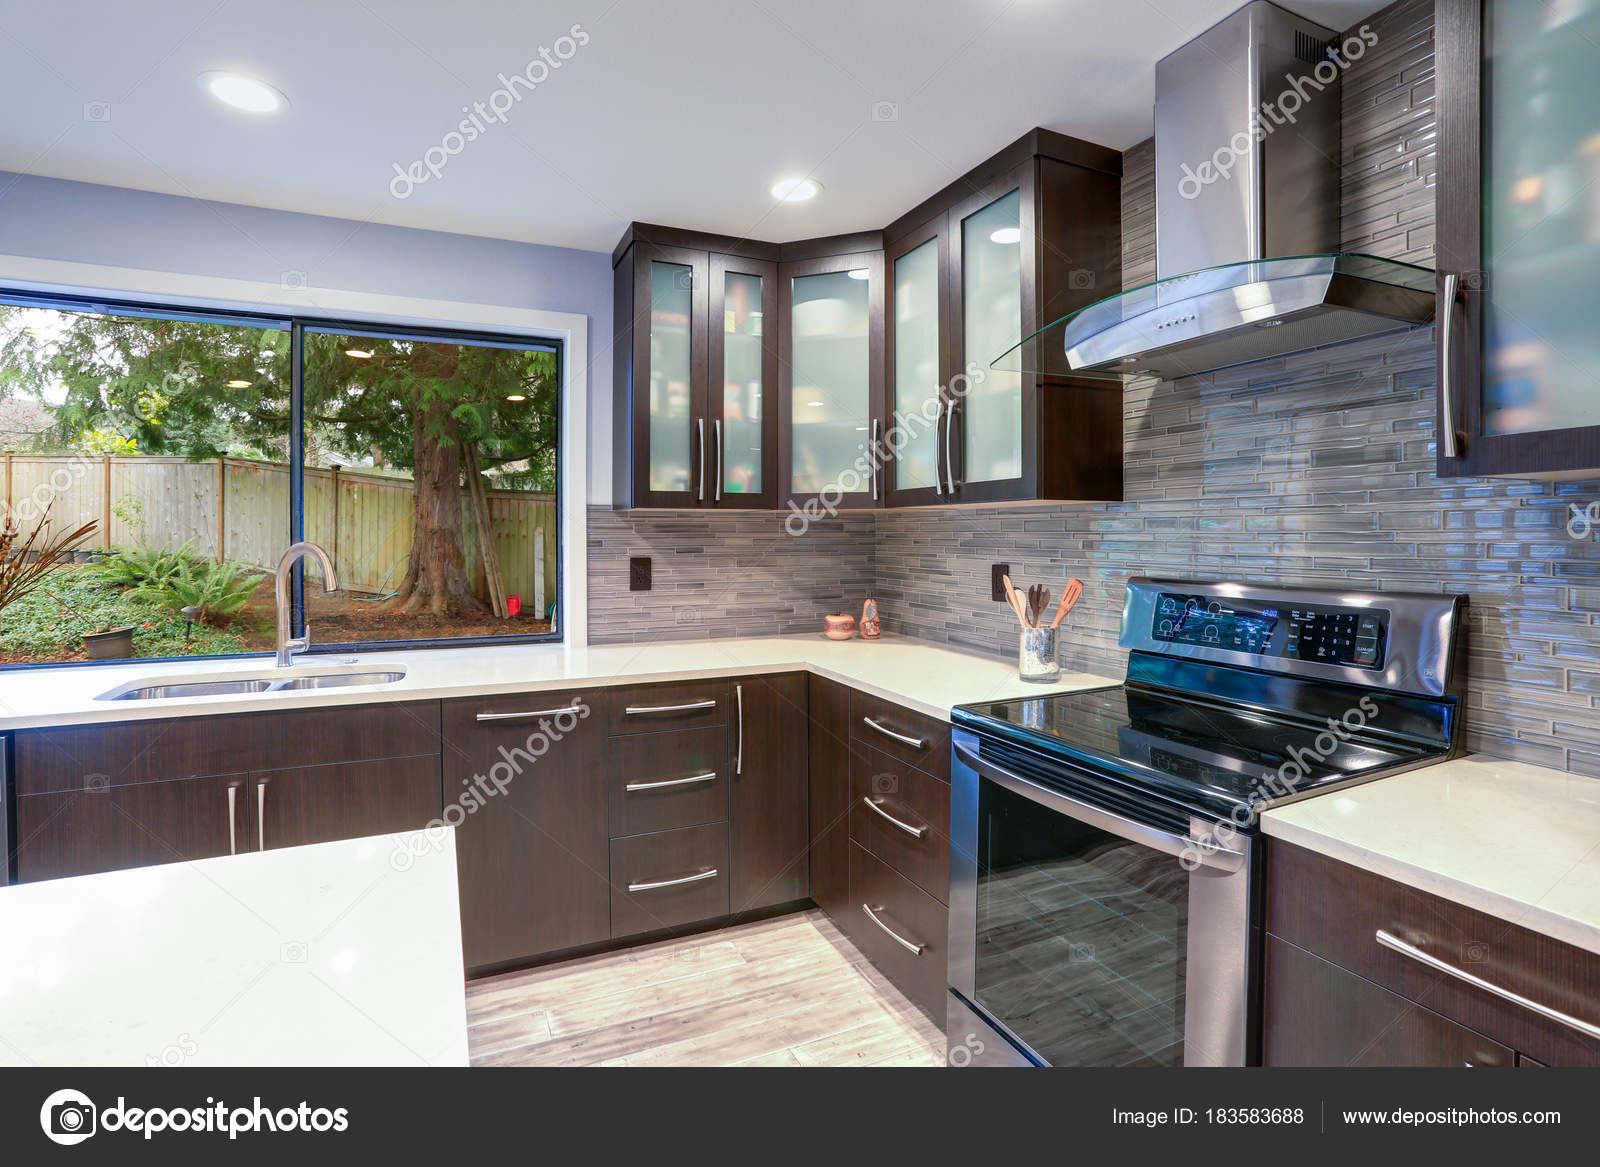 kitchen updates undermount sinks 更新现代厨房室内的白色和深色色调 图库照片 c alabn 183583688